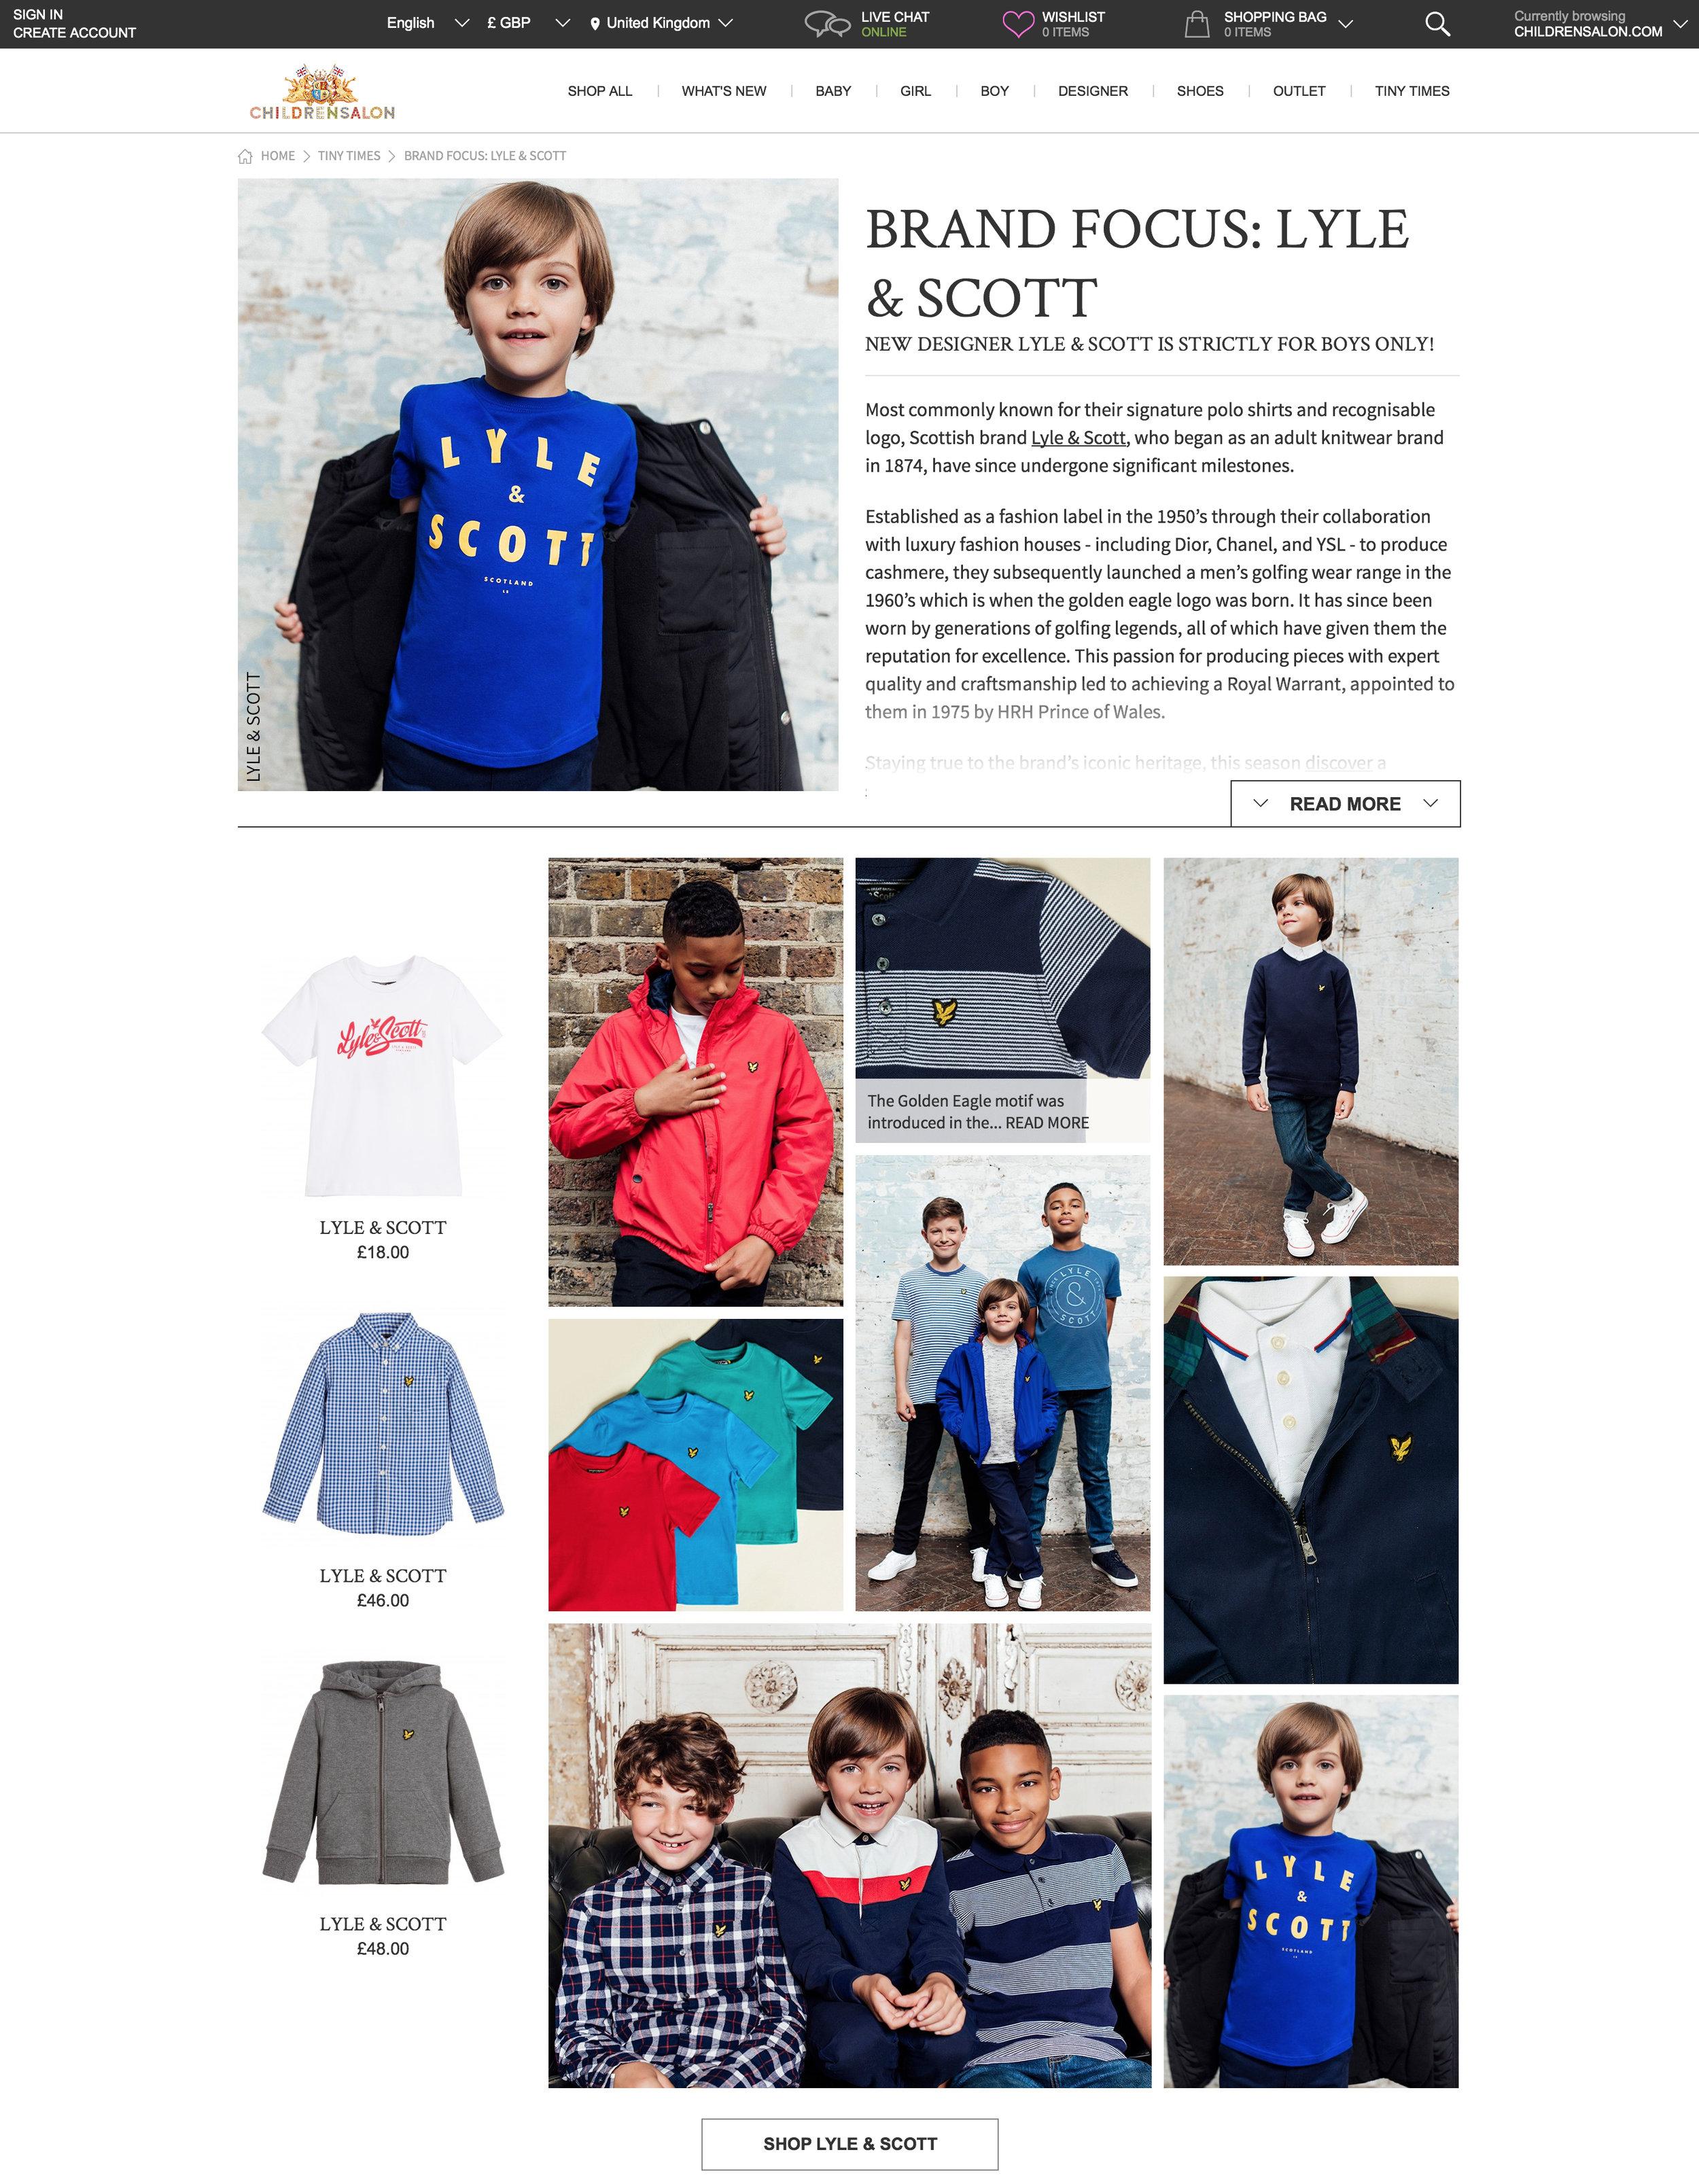 Brand Focus-Lyle & Scott   Childrensalon (20161019).jpg